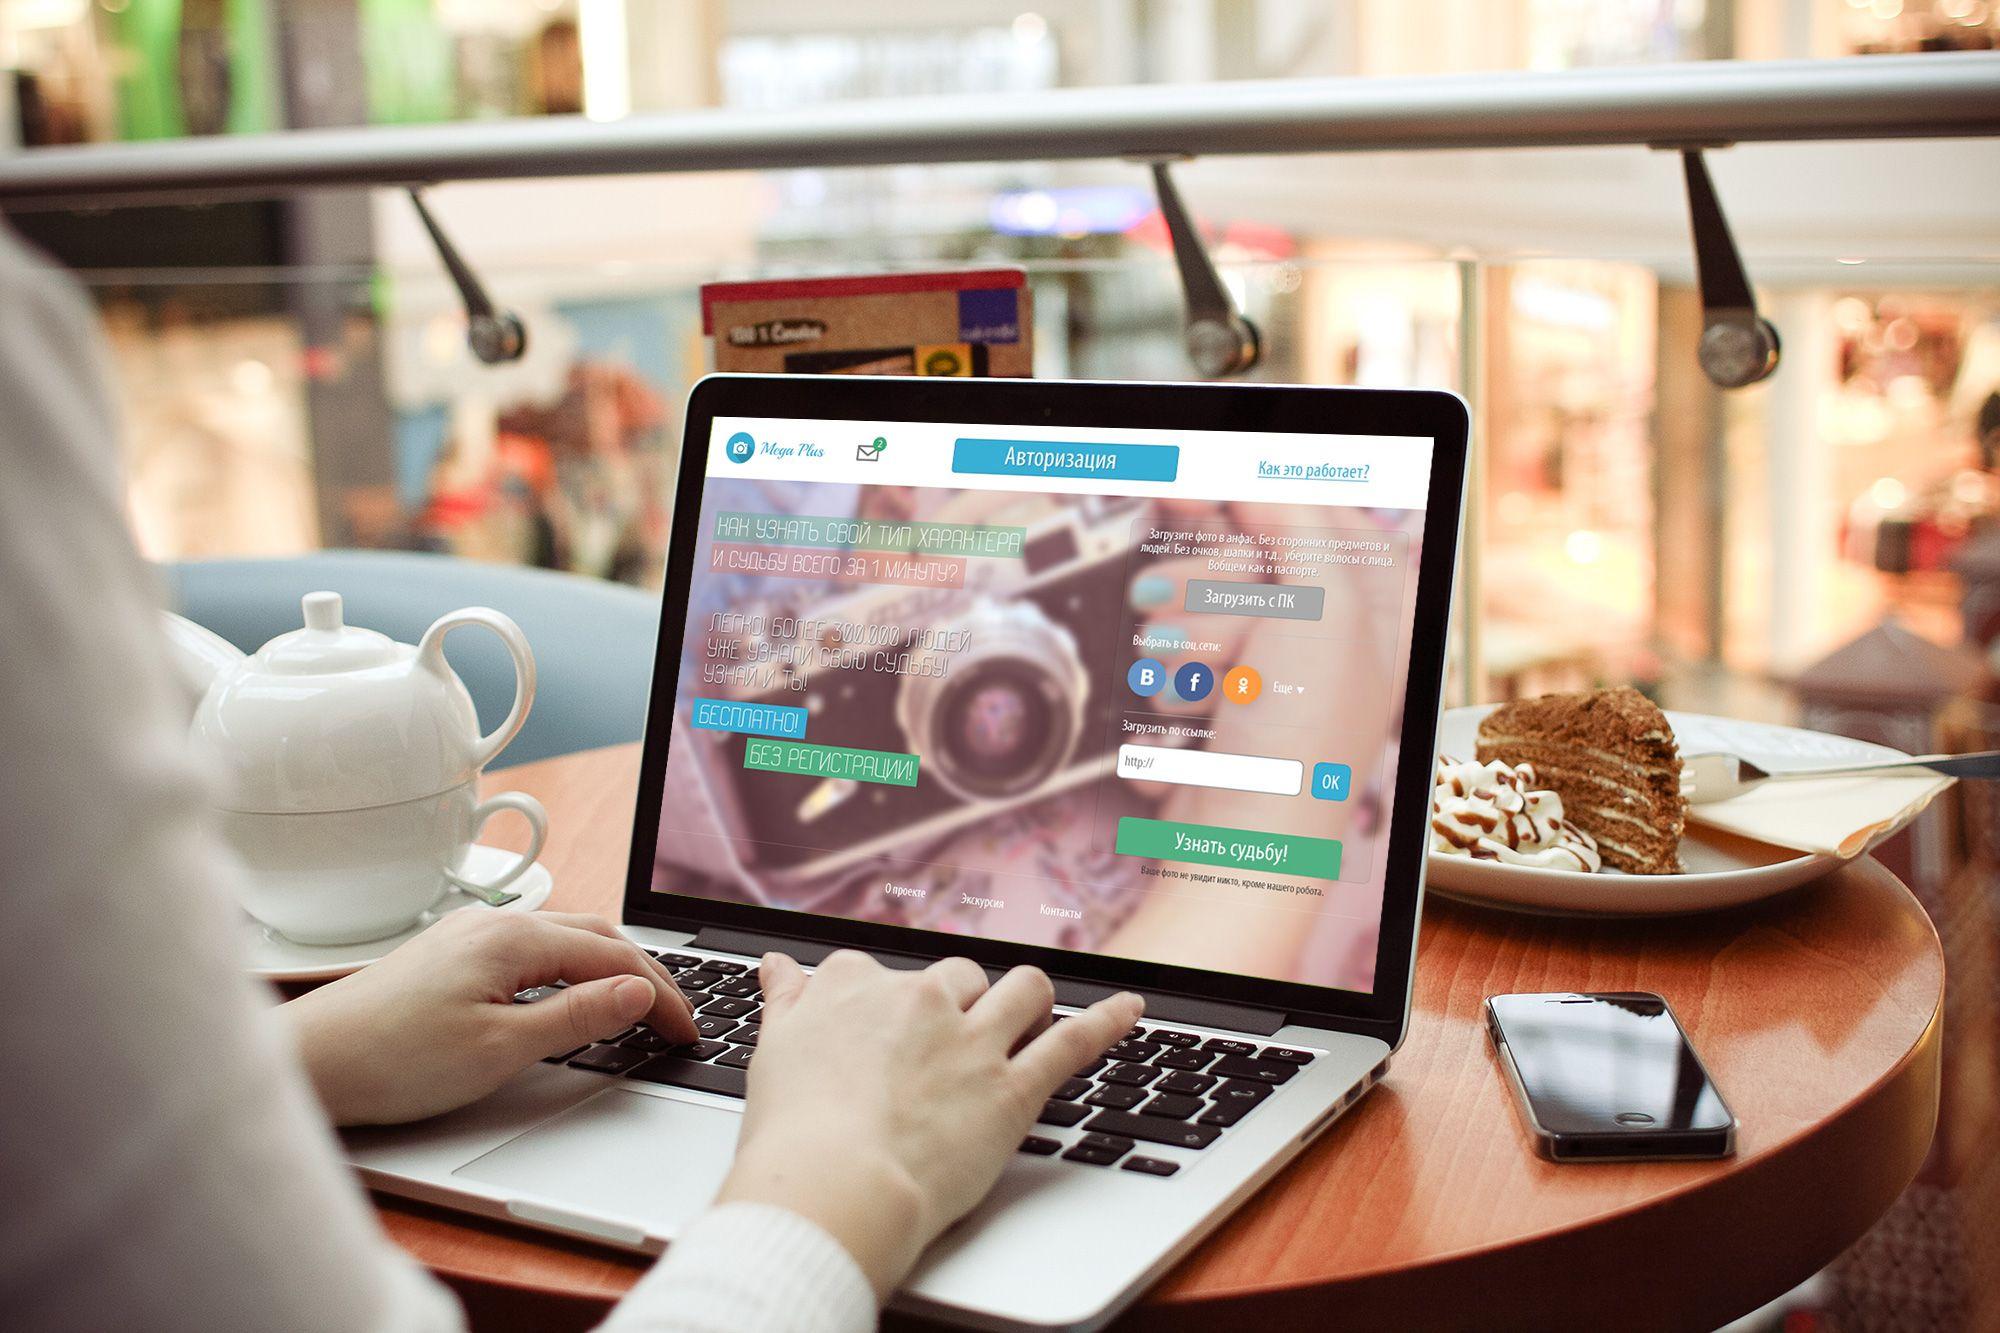 Главная/Landing page для соцсети с фотками - дизайнер Valbars